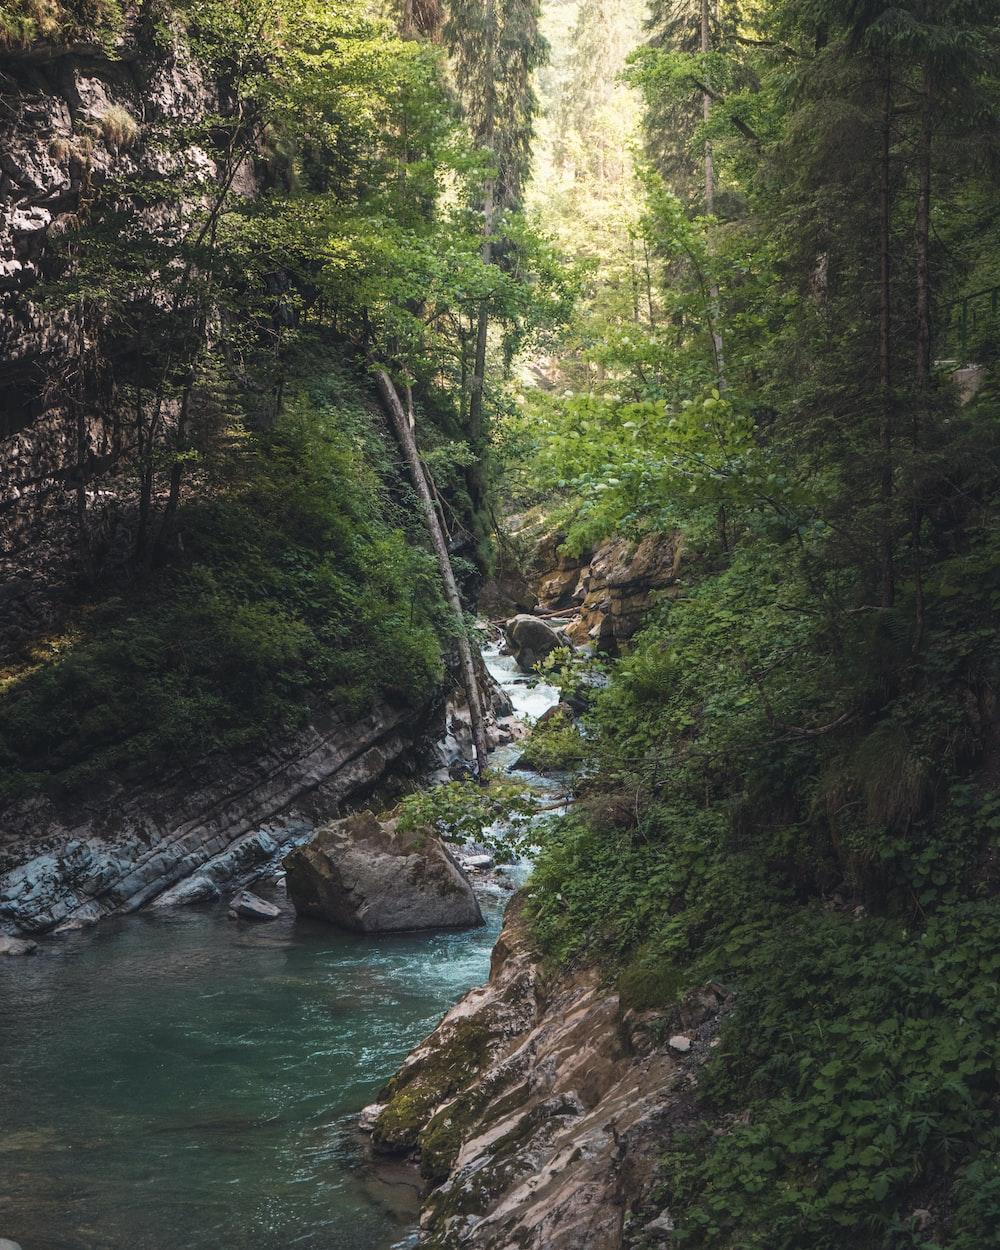 field of trees beside body of water